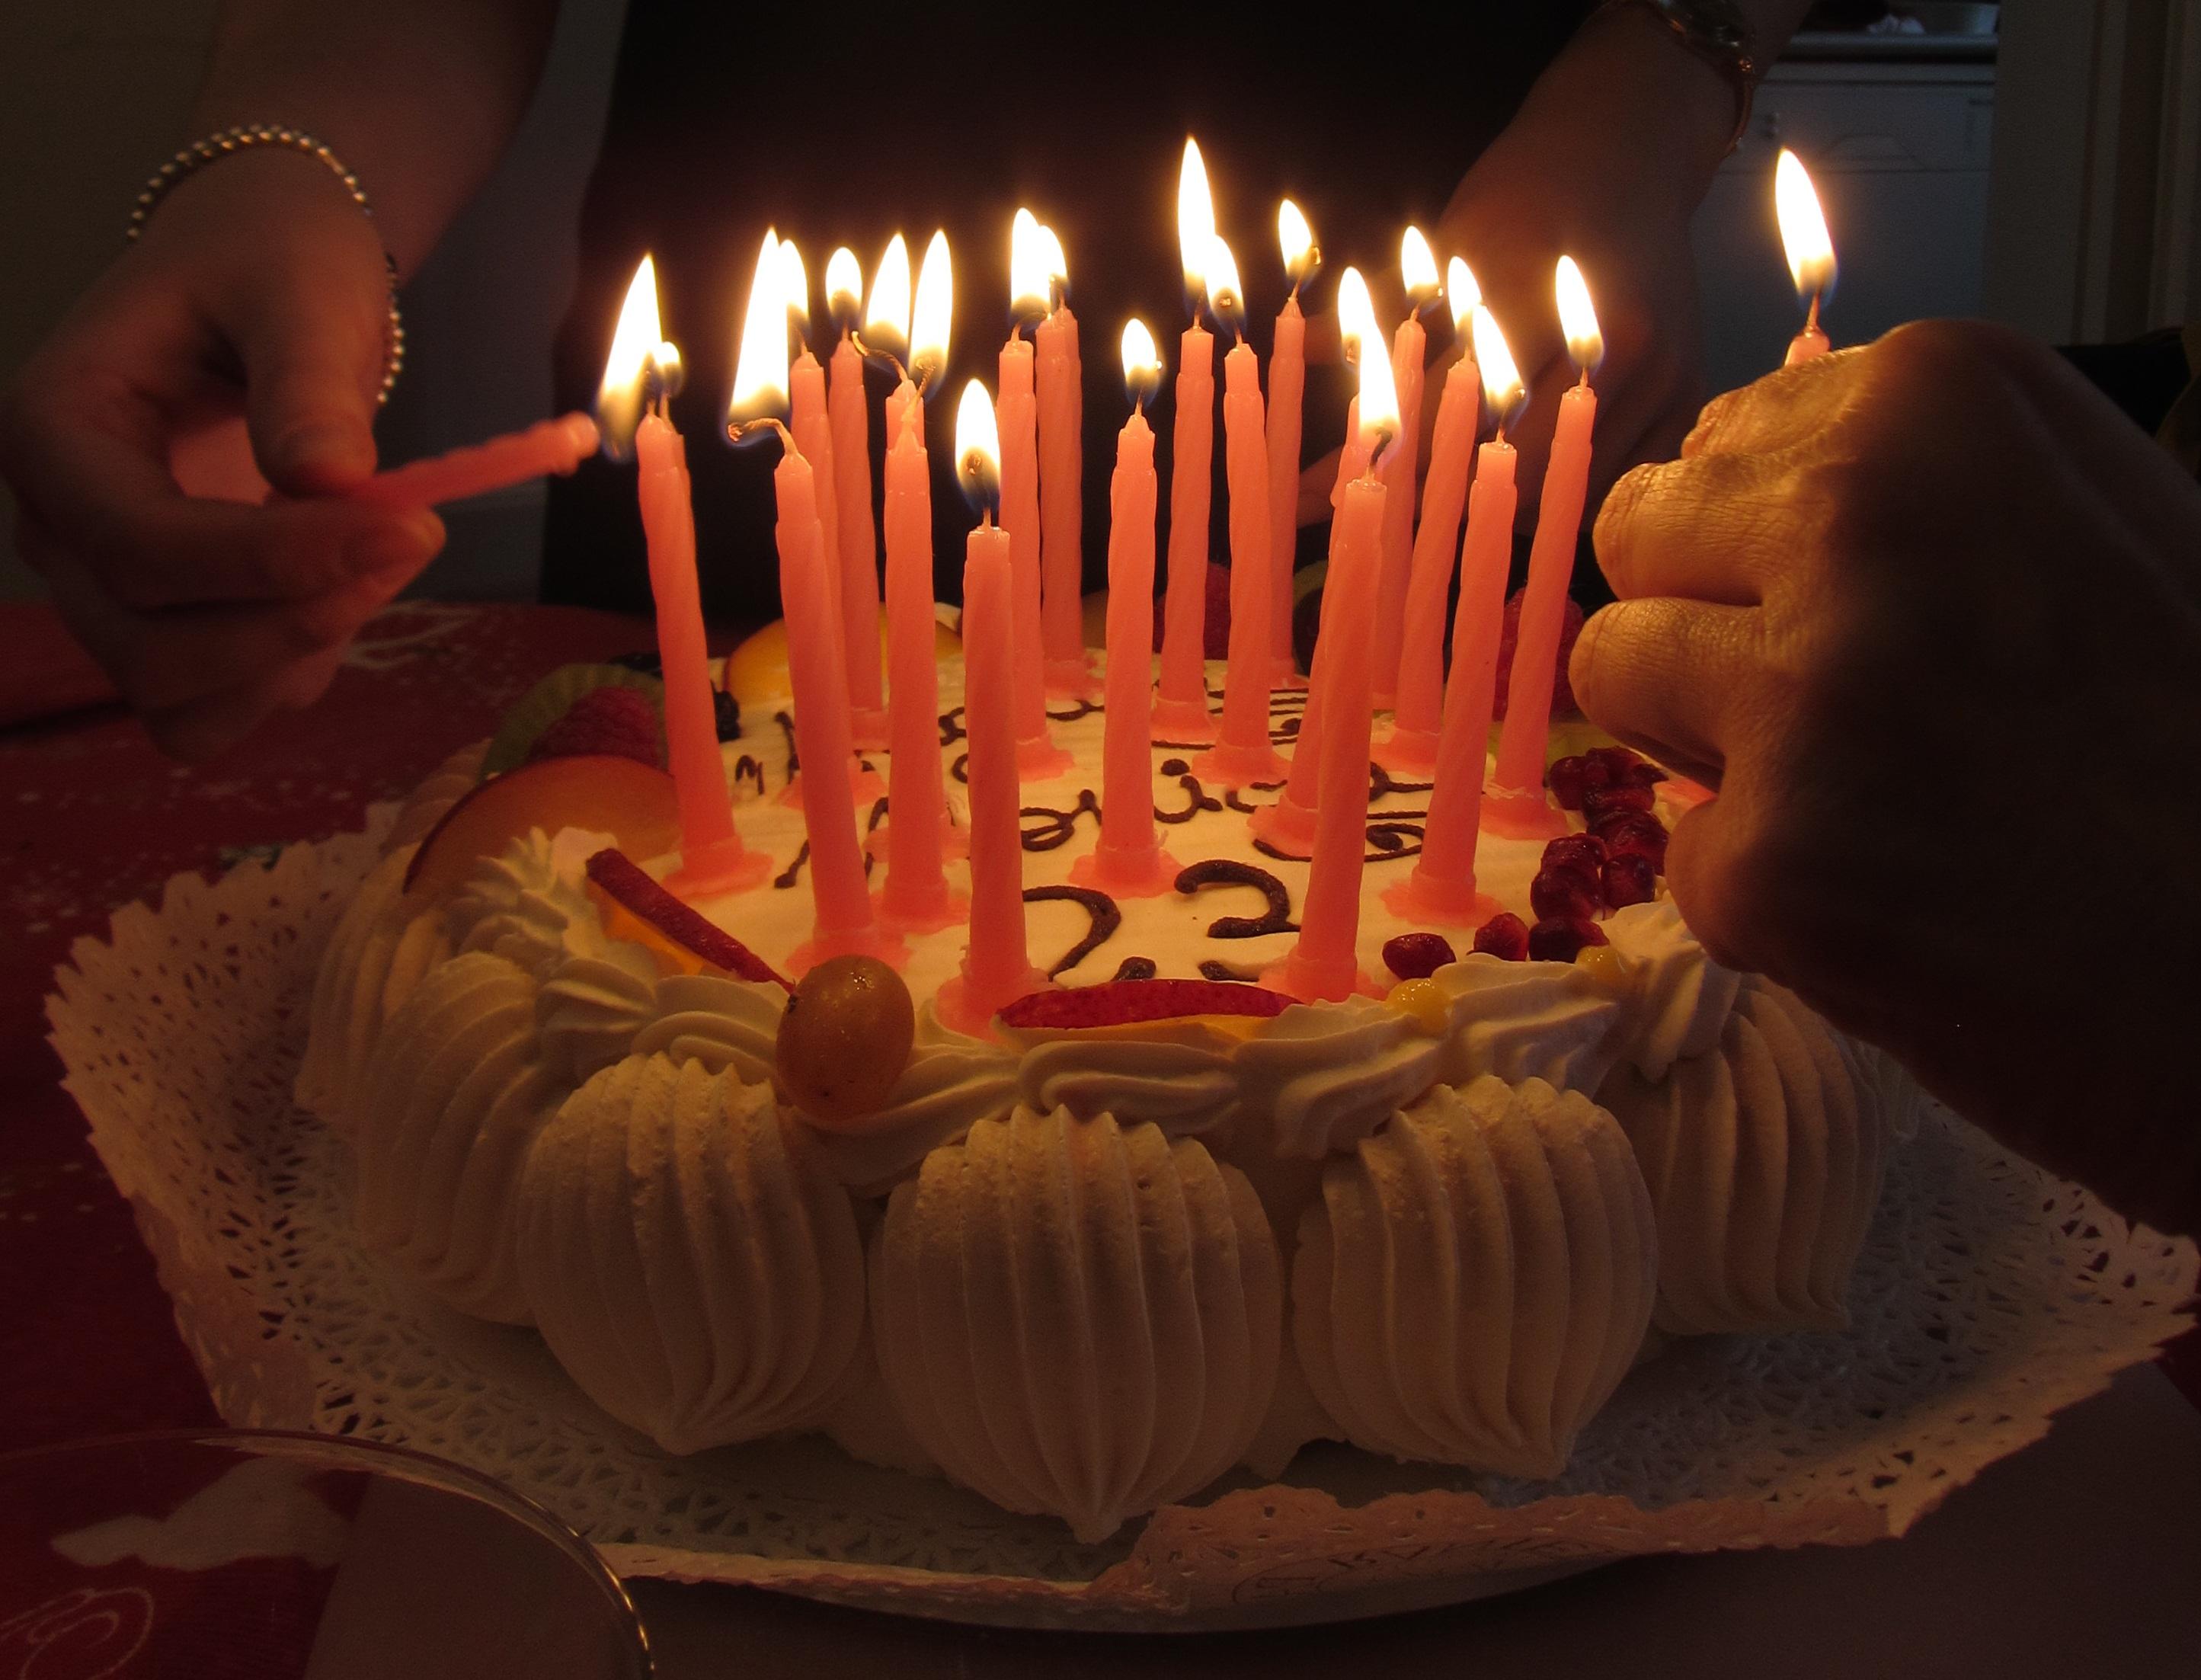 cumpleaños bilbao 1